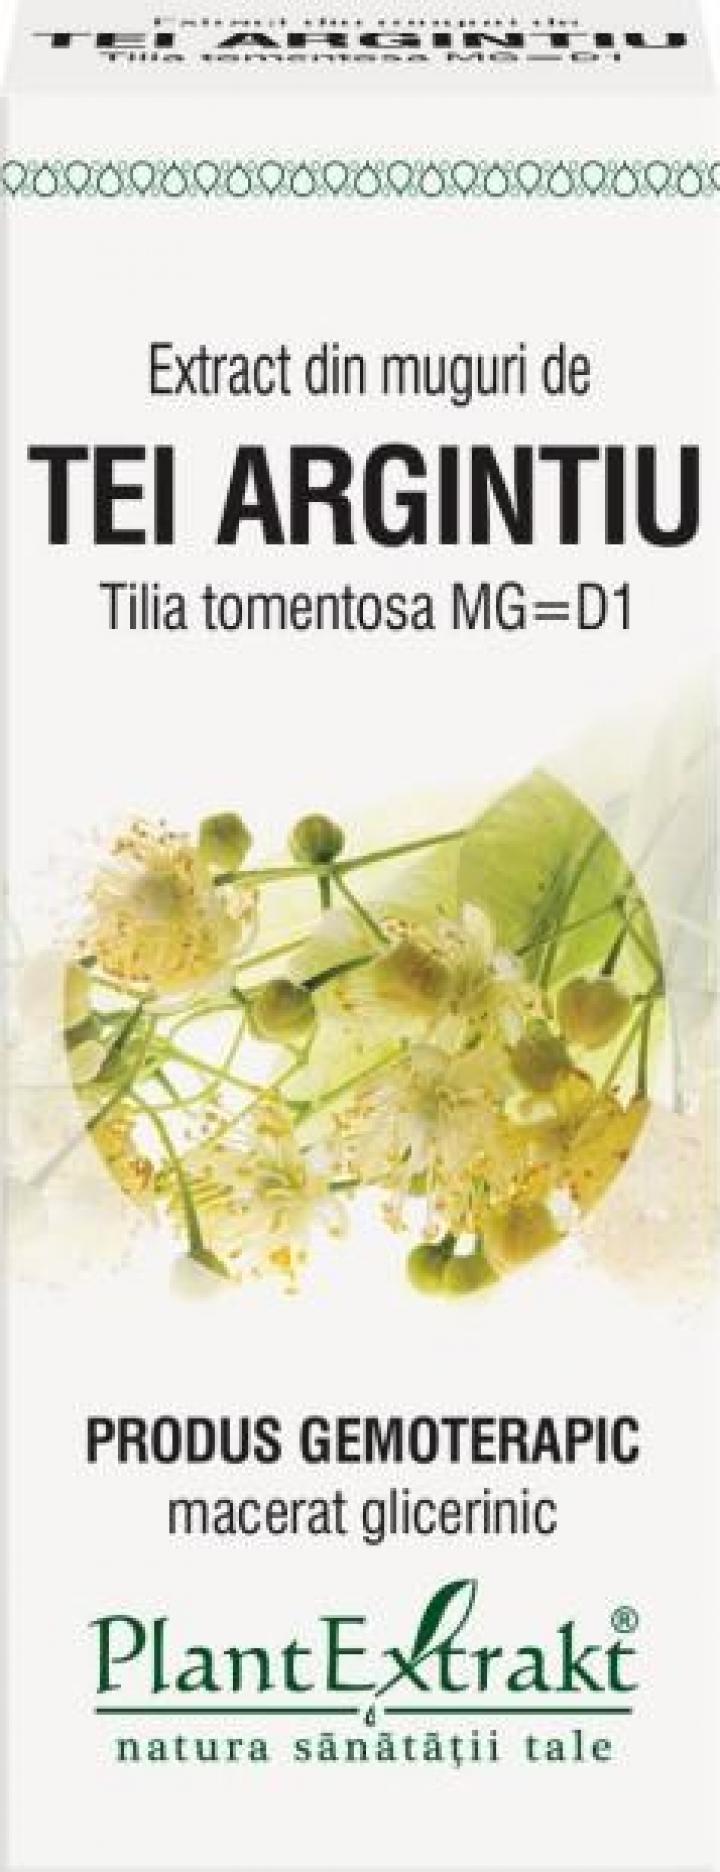 Extract din muguri de tei argintiu (Tilia Tomentosa)